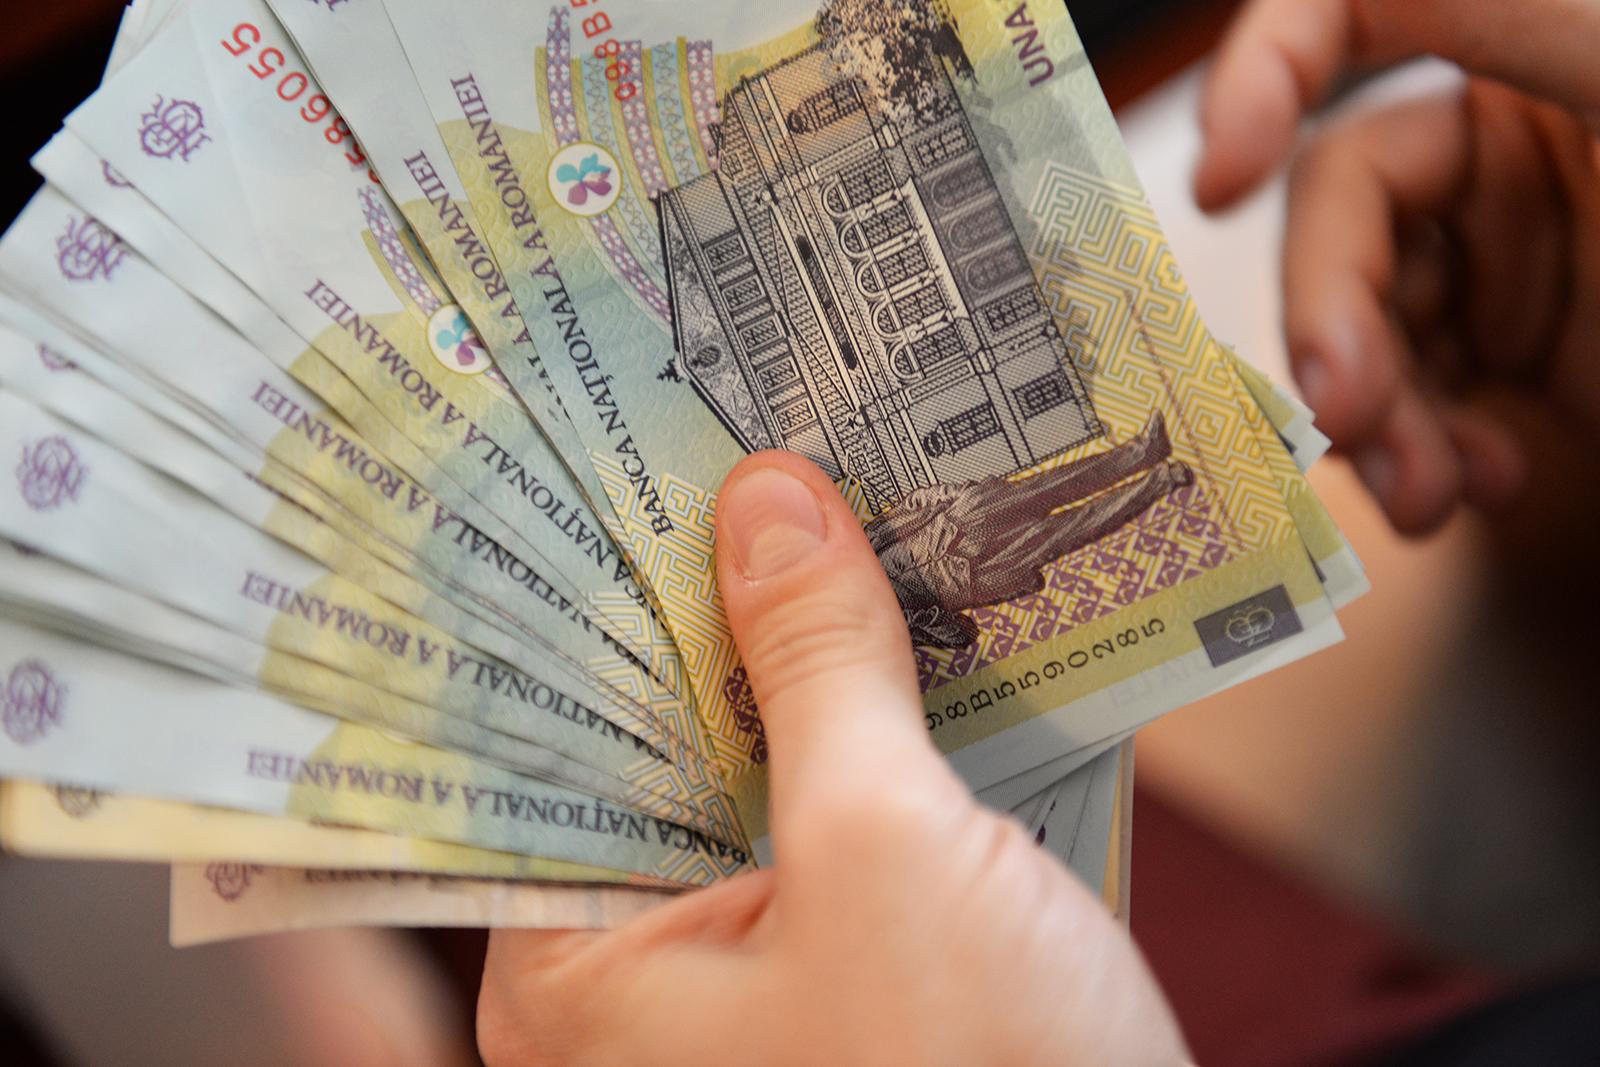 Cea mai bună ofertă de angajare la Sibiu: Salariu net de 2500 de lei, plus beneficii